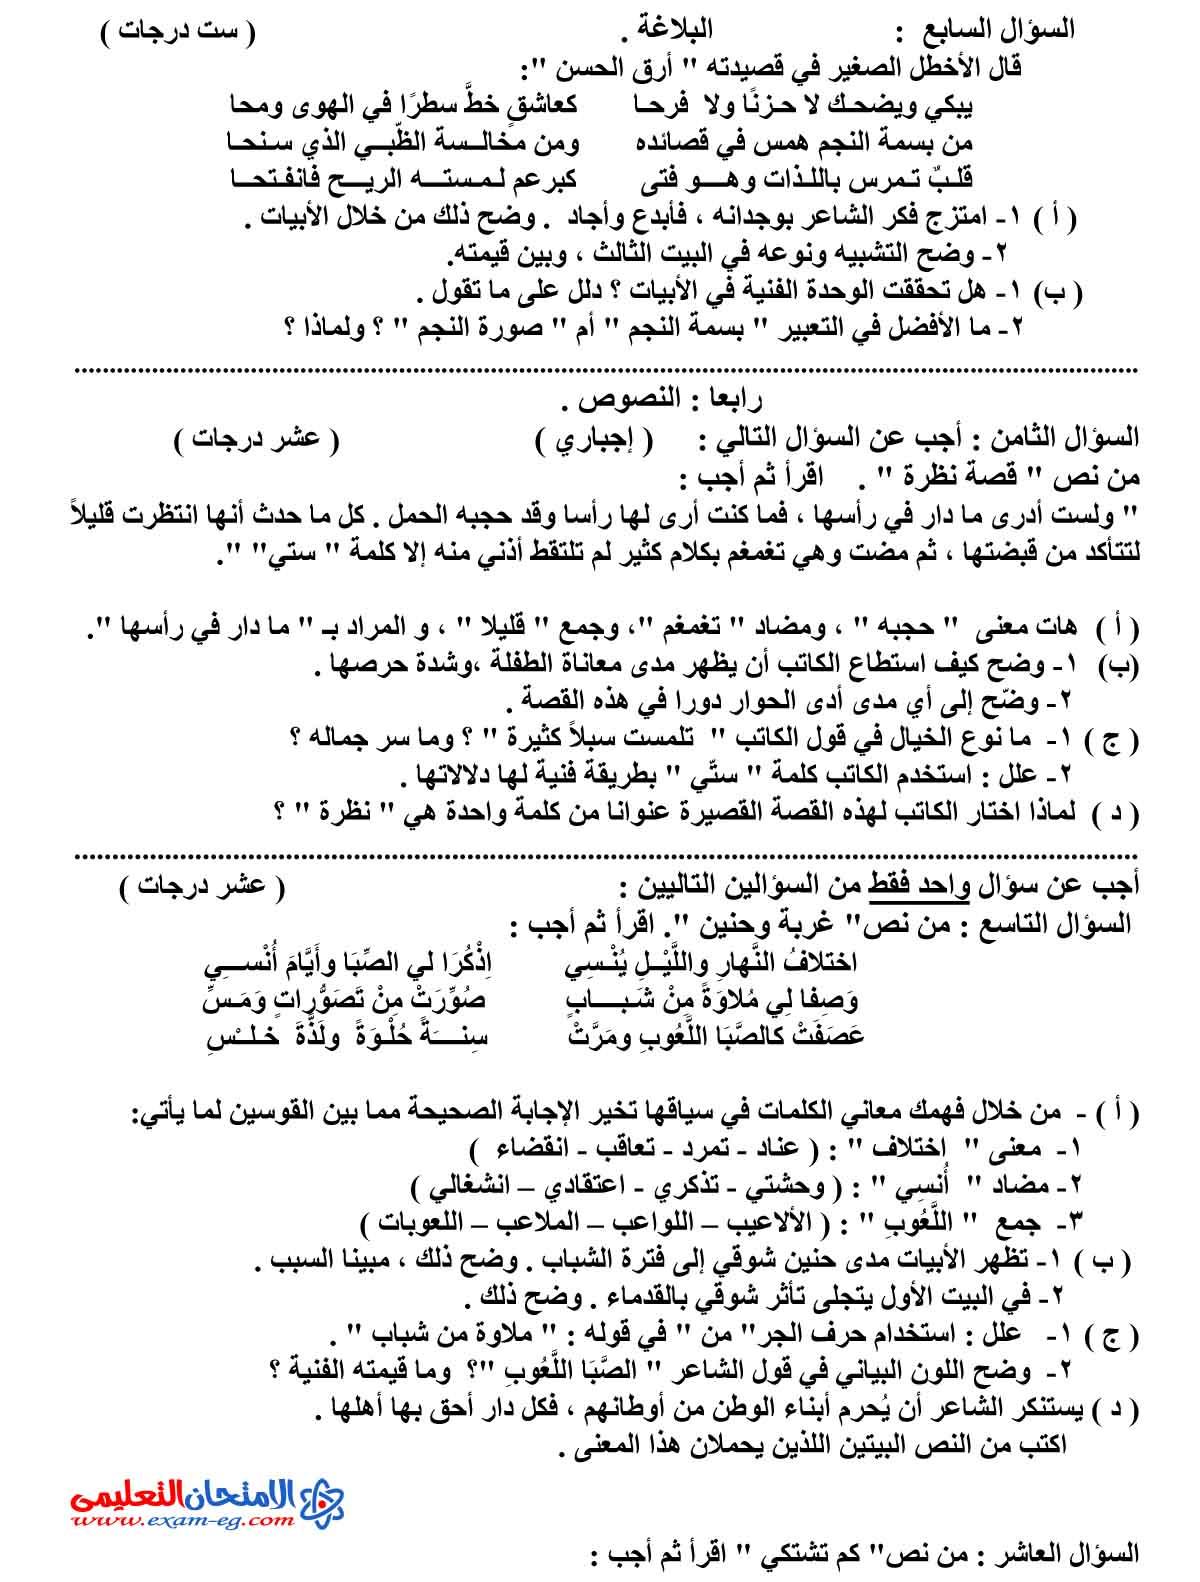 امتحان اللغة العربية 3 - مدرسة اون لاين (3)